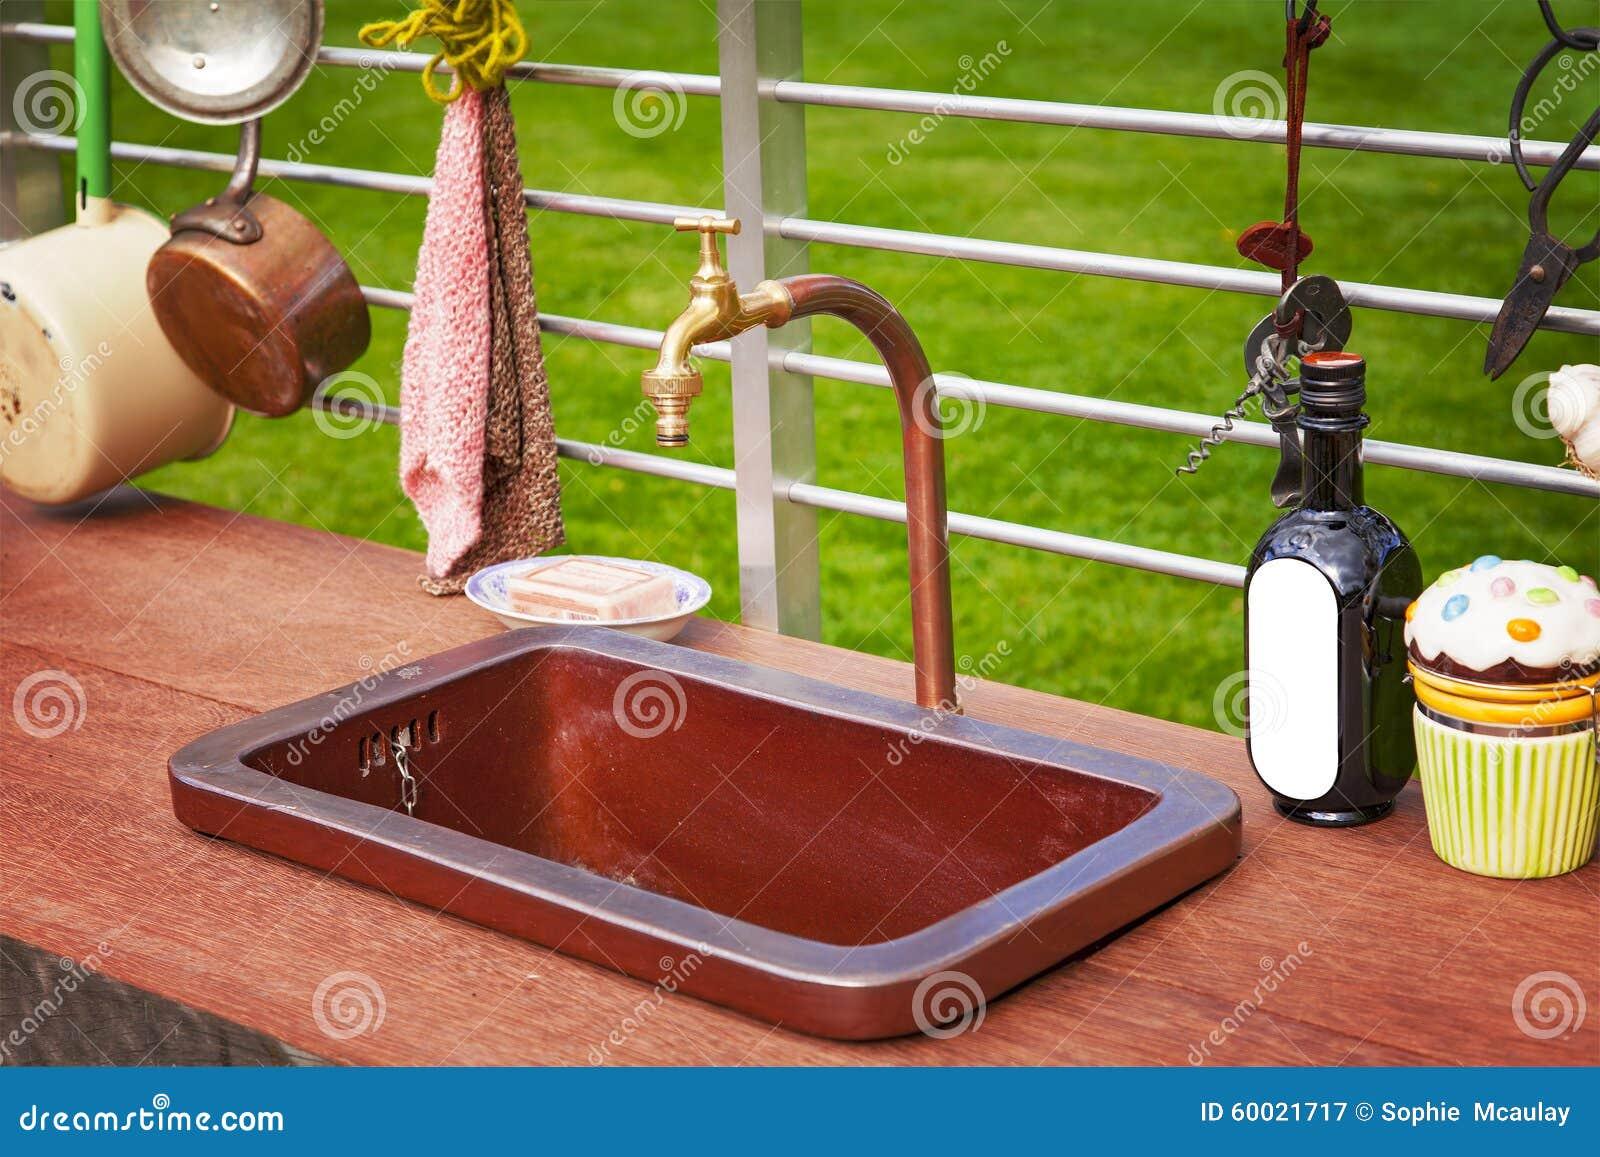 Rustikale Küche im Freien stockbild. Bild von abendessen - 60021717